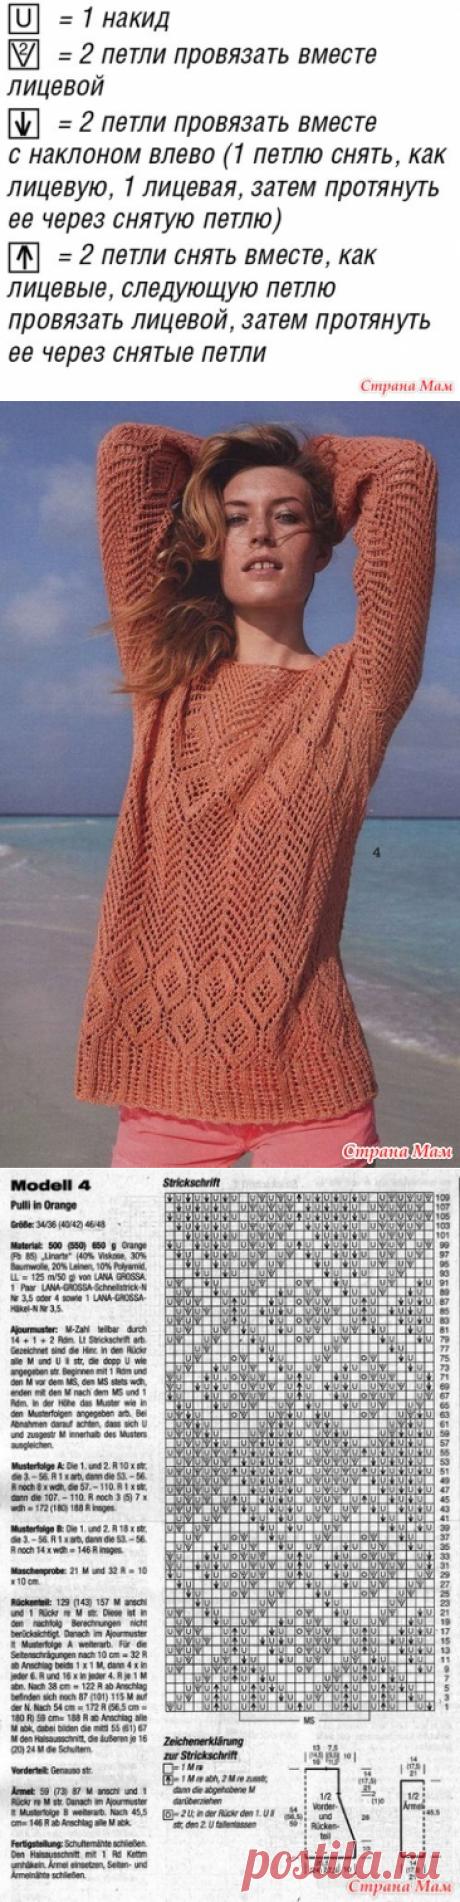 Летний ажурный пуловер спицами - Вязание - Страна Мам